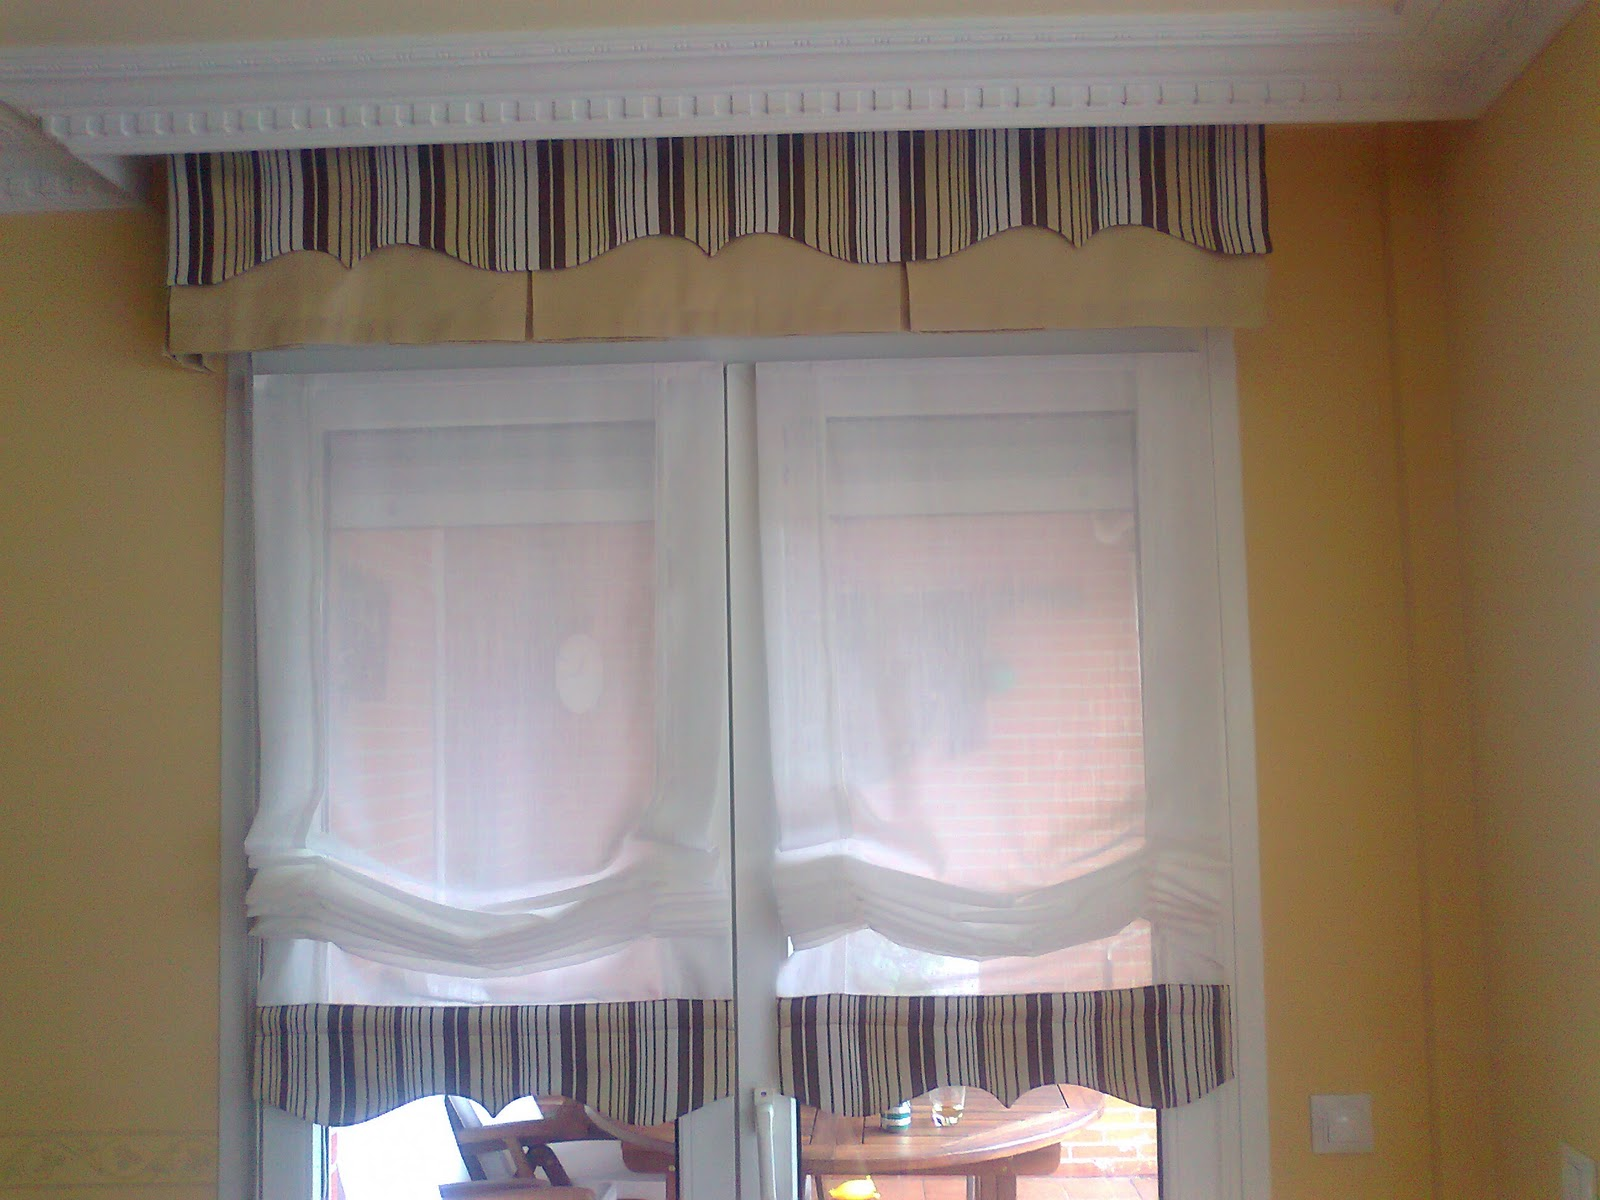 Cortinas c y d bandeau liso dos tejidos con estores de - Estores con varillas ...